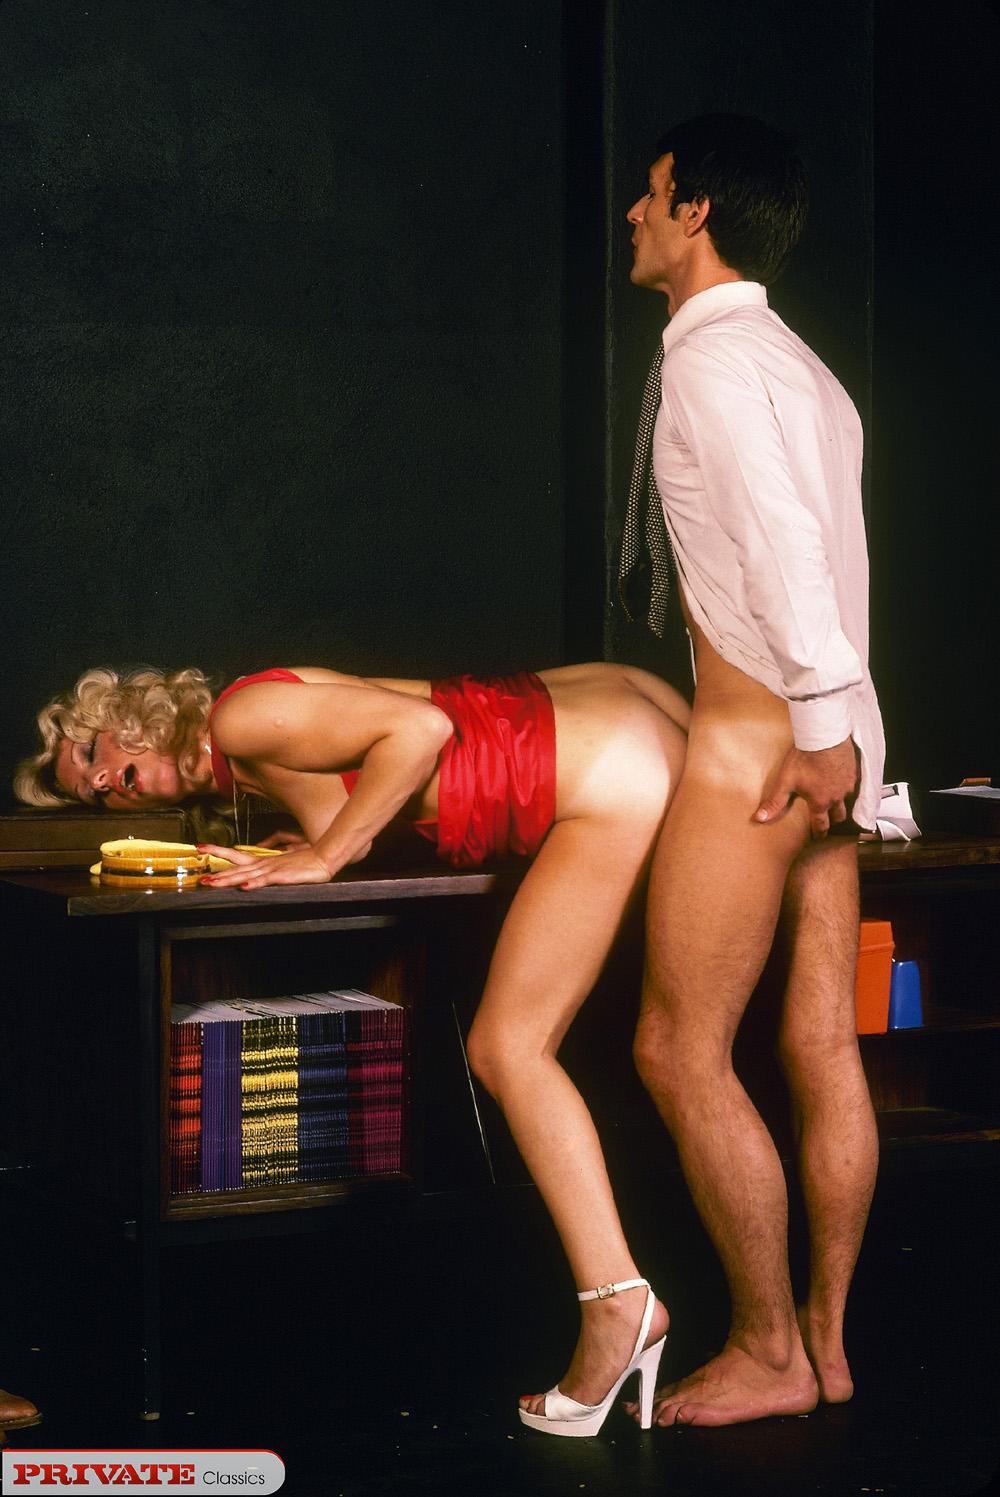 Эротика служебный роман, фото девушка в нижнем белье в казино